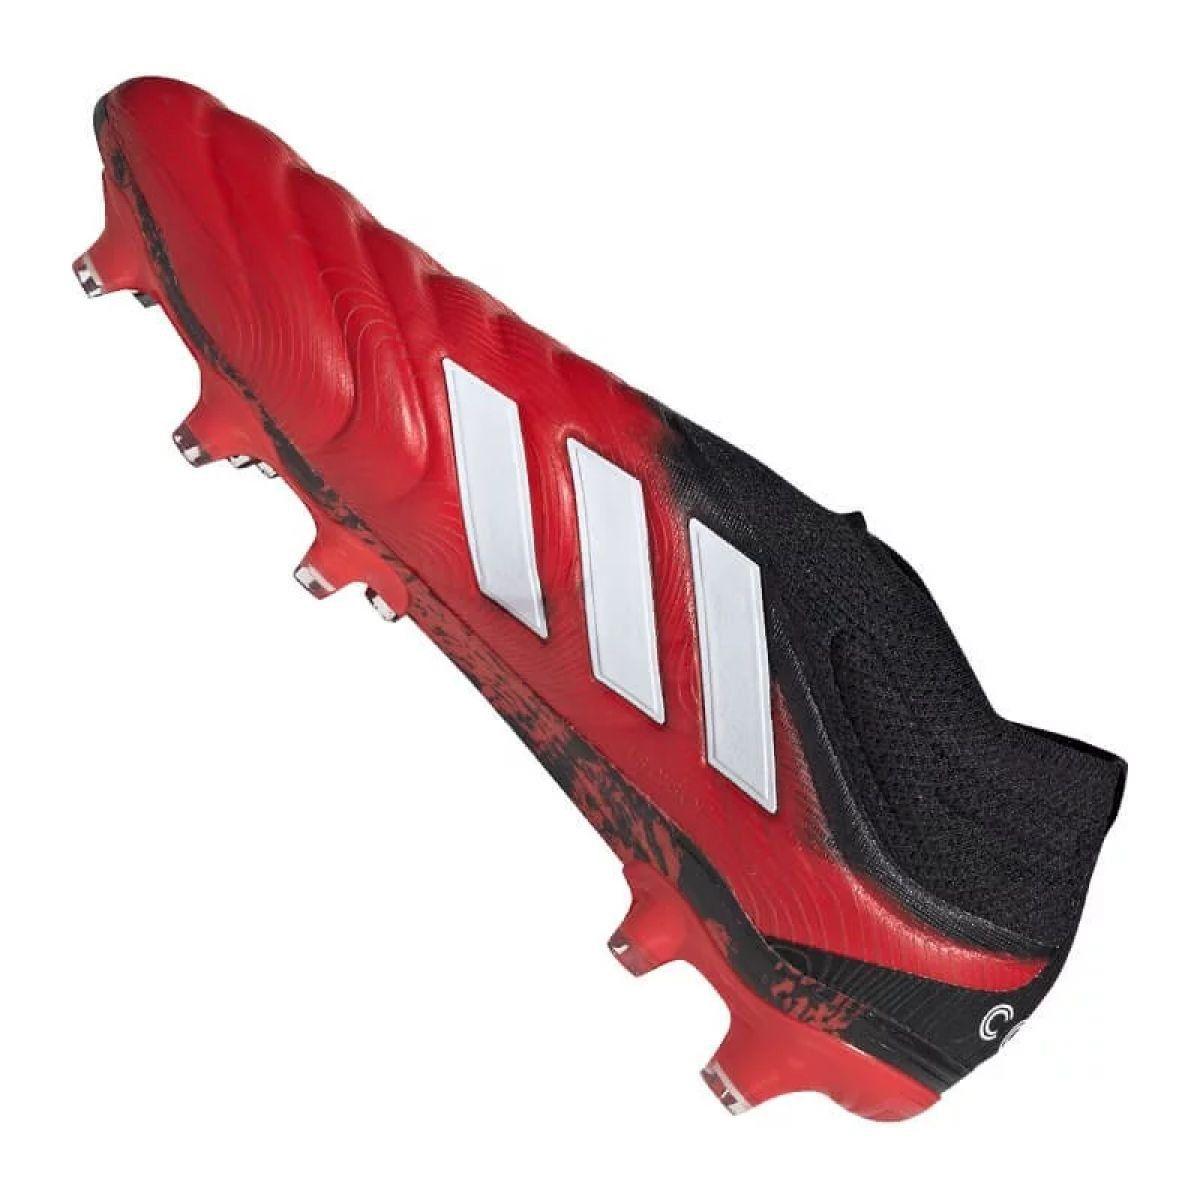 Buty Adidas Copa 20 Fg M G28741 Wielokolorowe Czerwone Adidas Cleats Adidas Sport Shoes